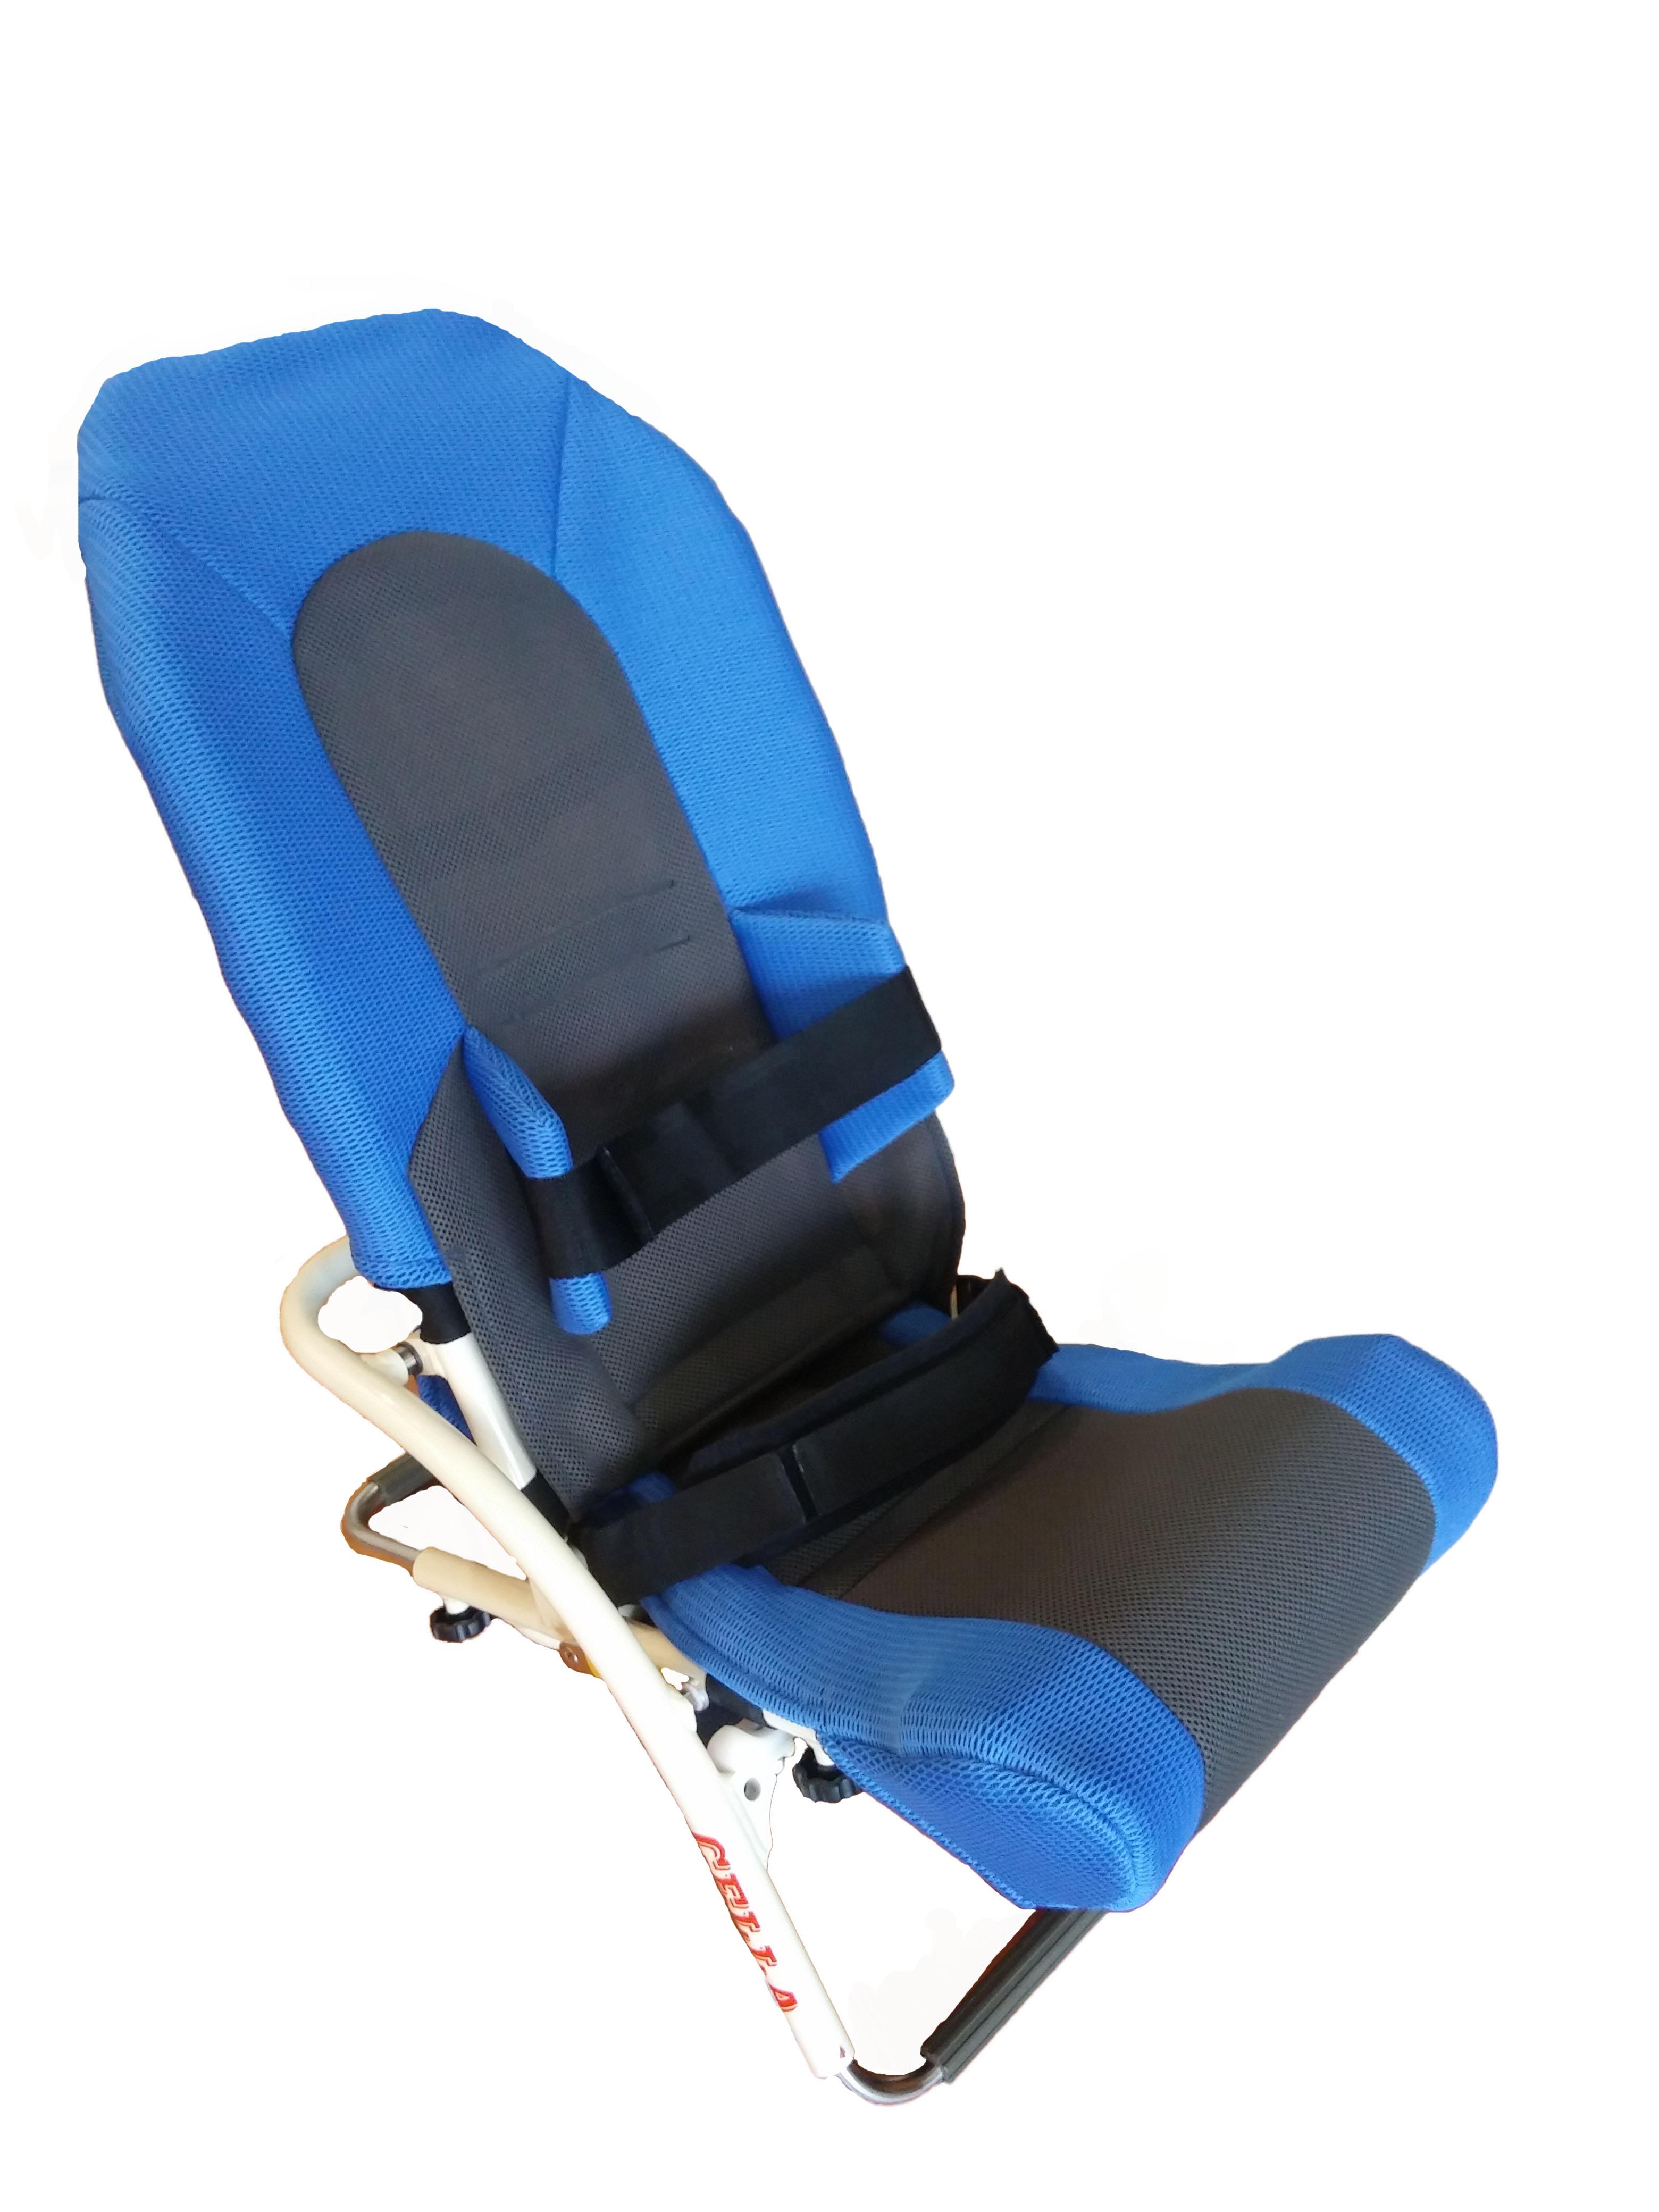 兒童特製洗澡椅-腦性麻痺及多重障礙兒童專用